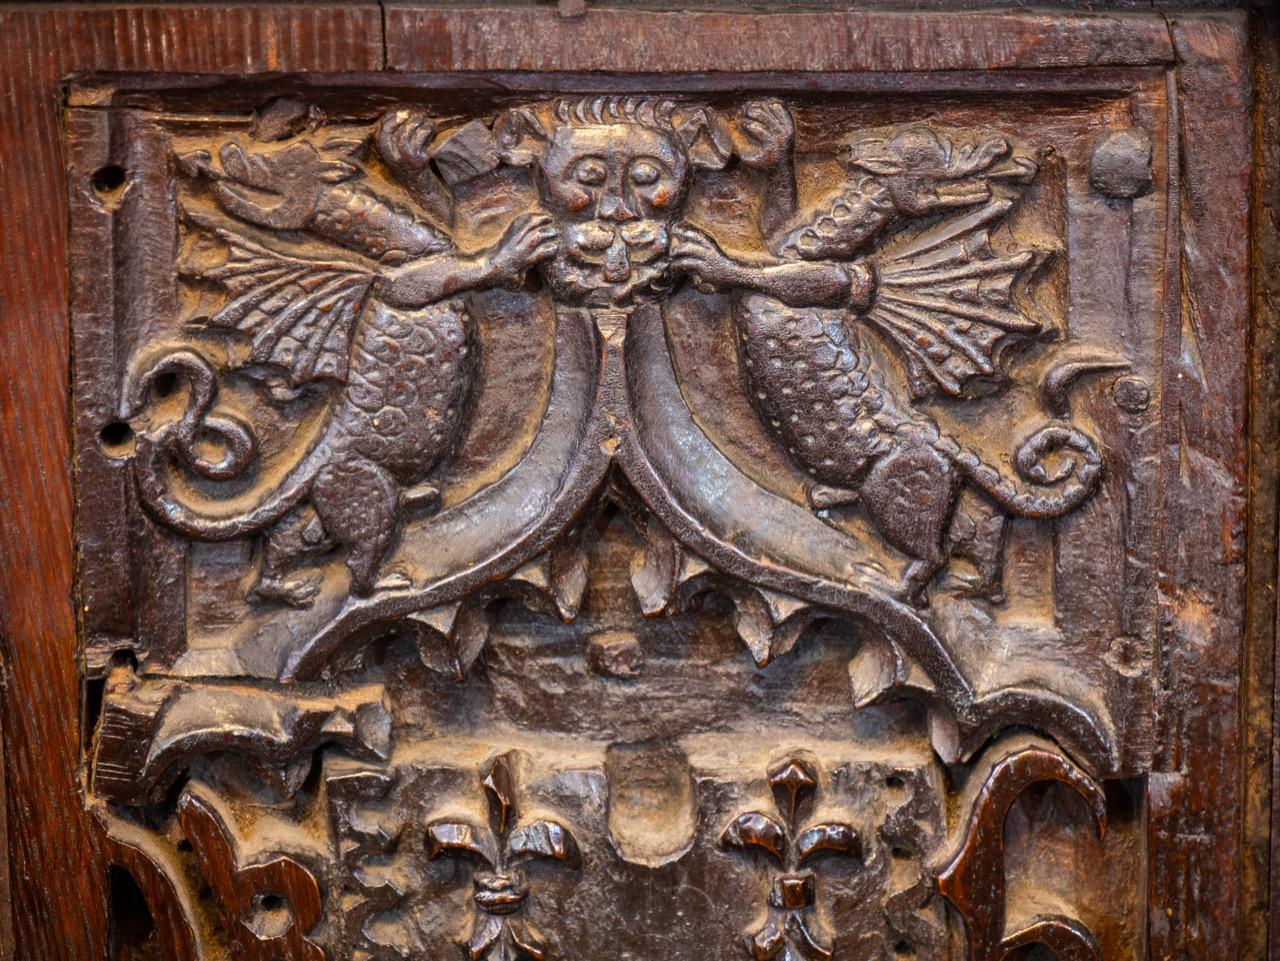 Choir stalls (15th cent.), detail